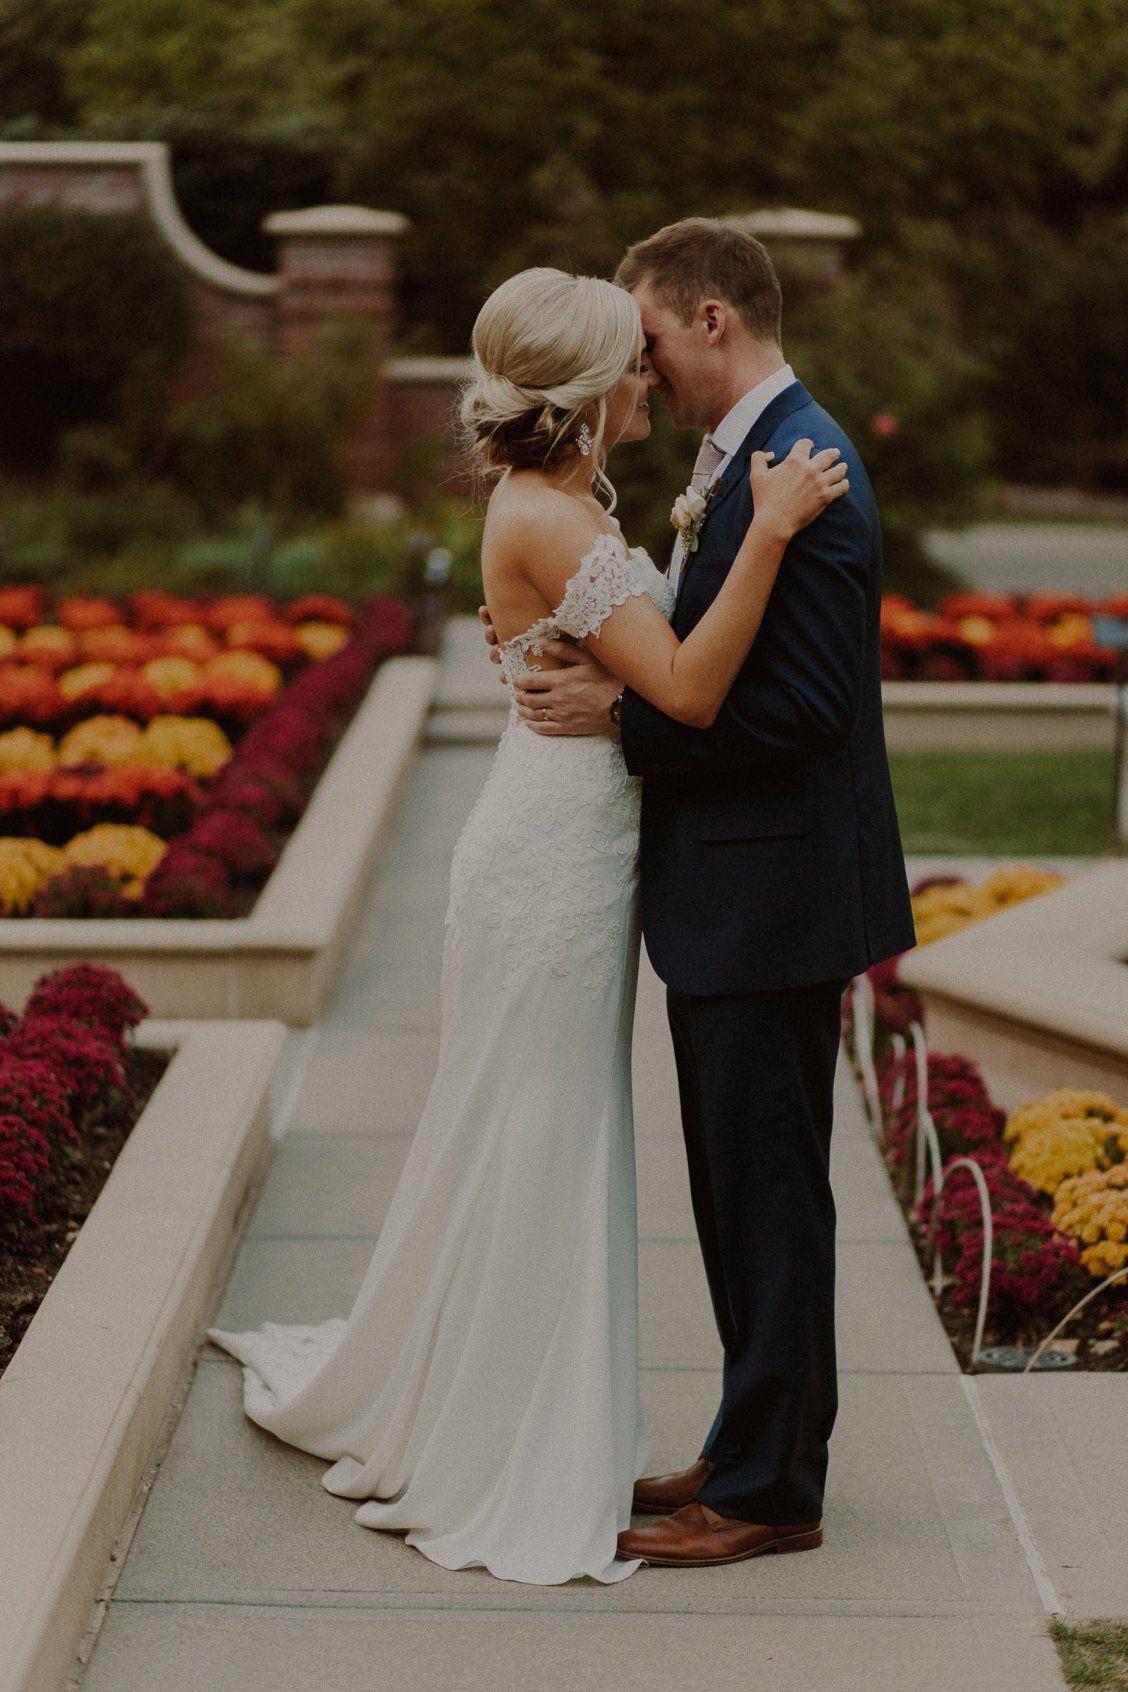 Brandon + Shannon / Lauritzen Gardens Wedding in Omaha ...  Lauritzen Gardens Wedding